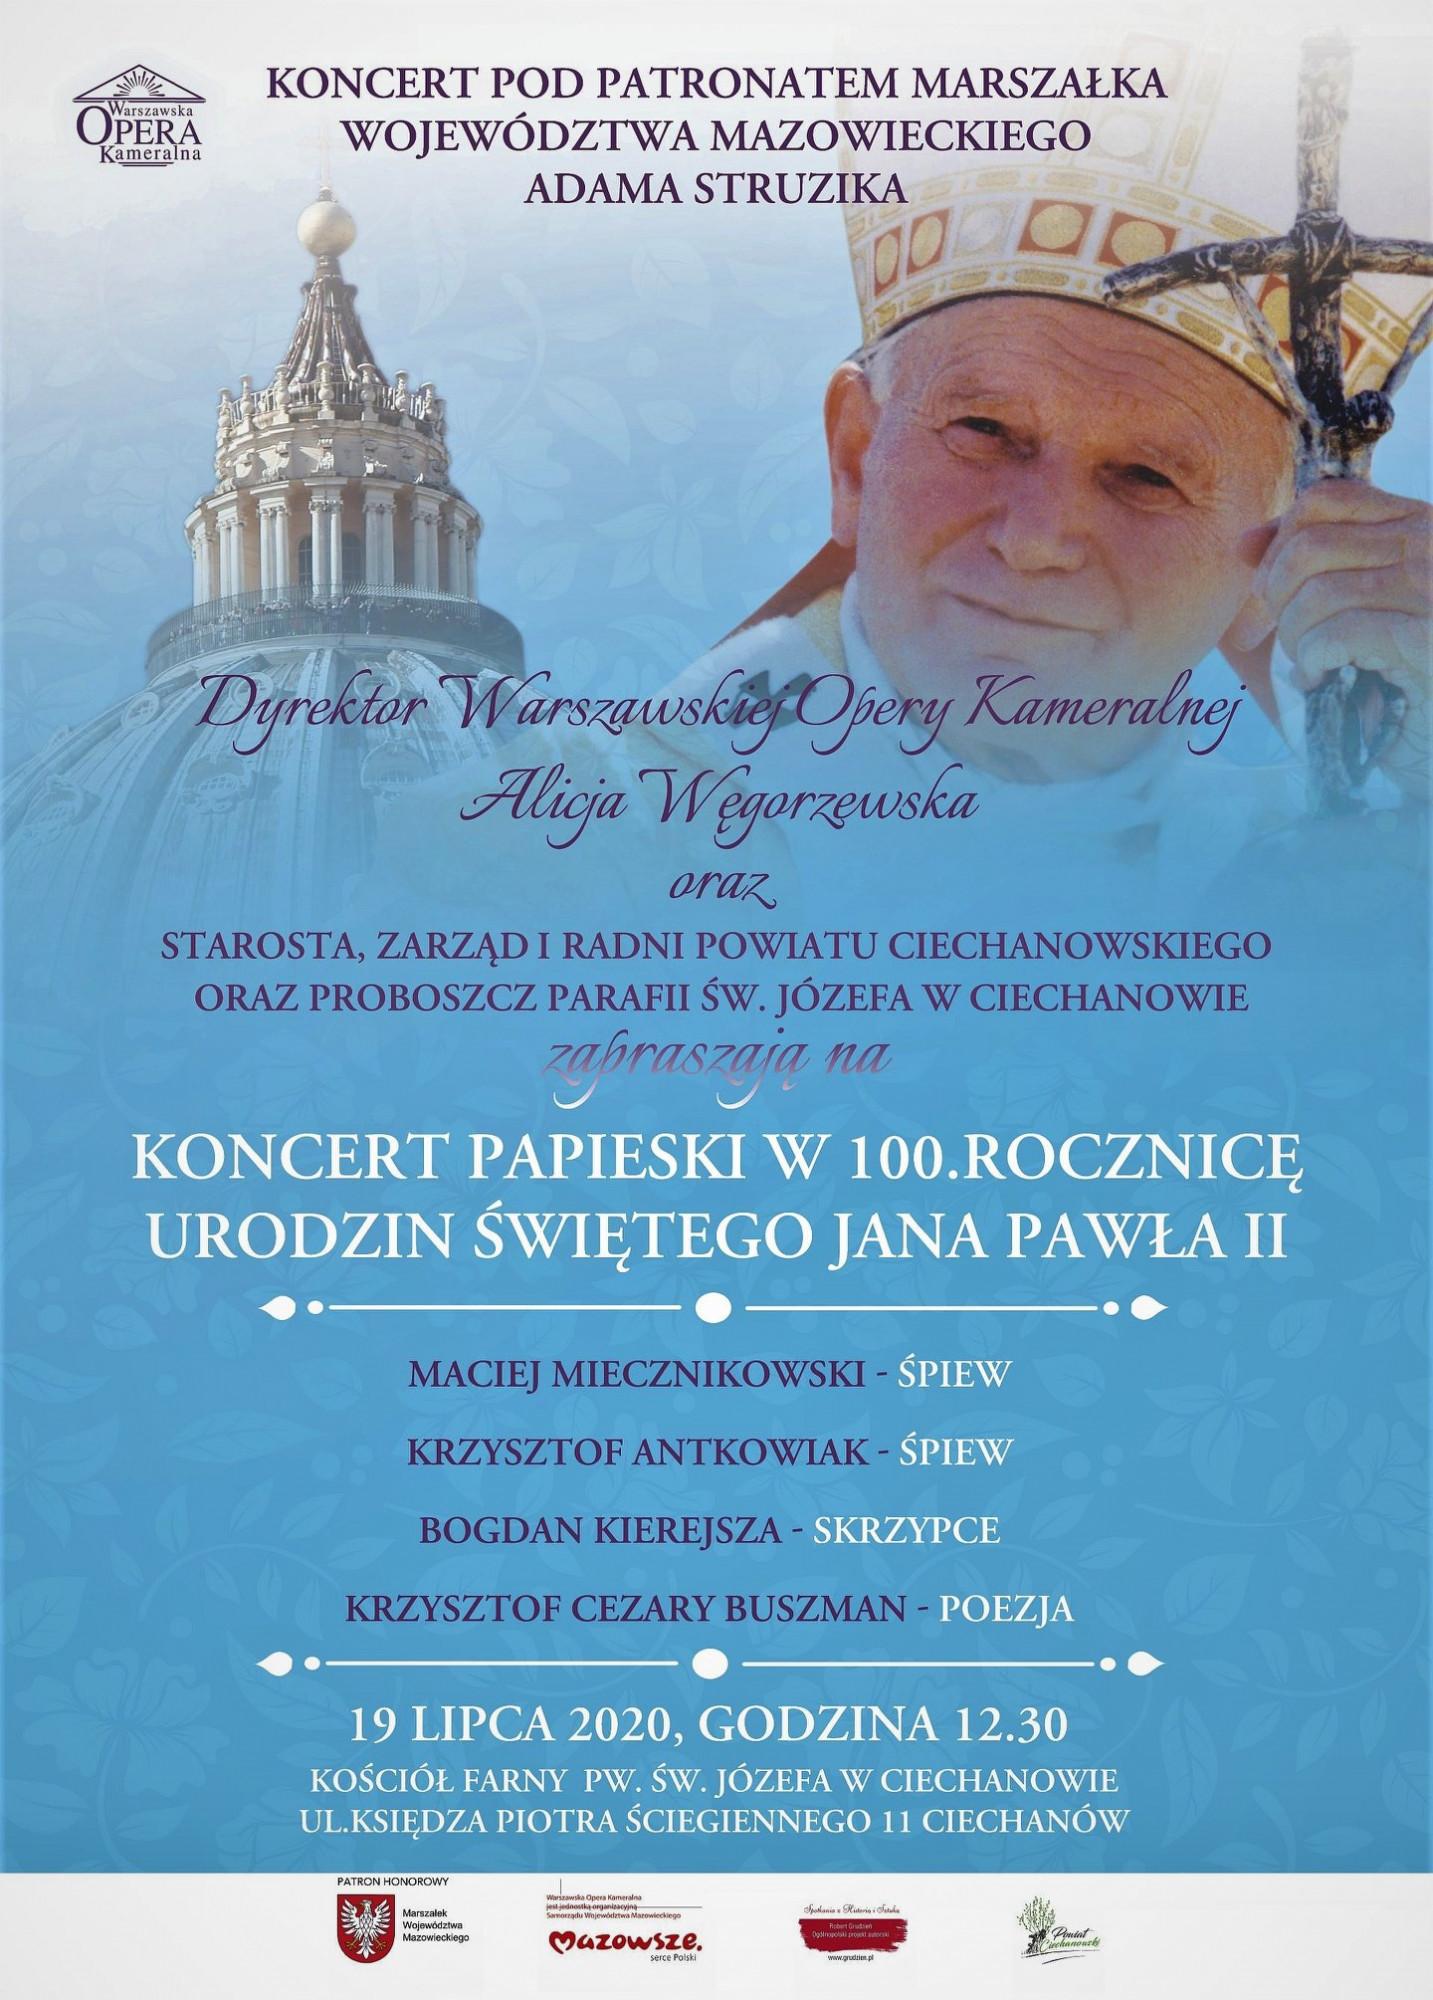 Koncert Papieski w 100 rocznicę urodzin Św. Jana Pawła II